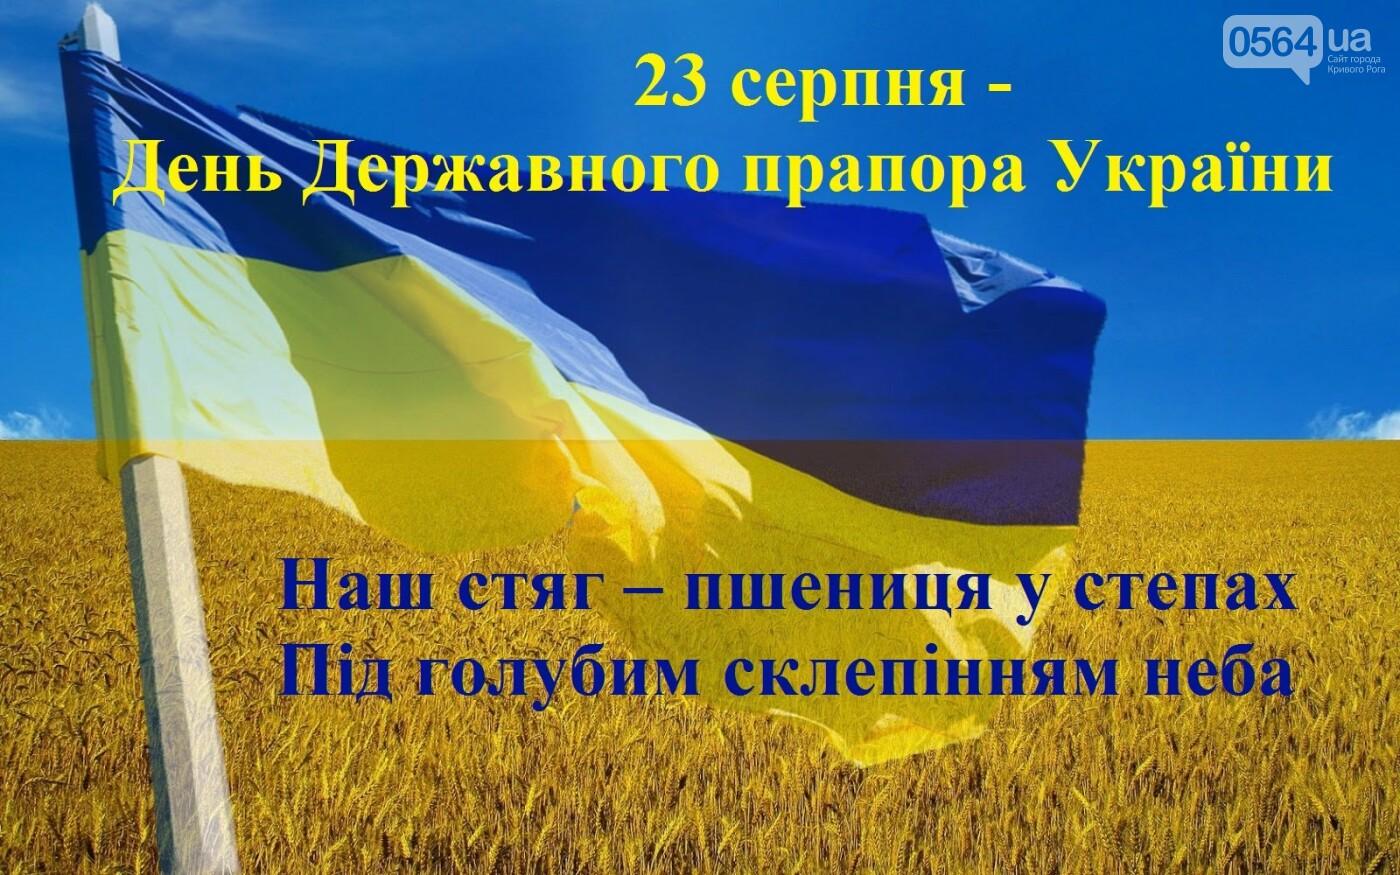 Празднование 27 годовщины Независимости Украины: что, где, когда, - ПЛАН МЕРОПРИЯТИЙ , фото-2